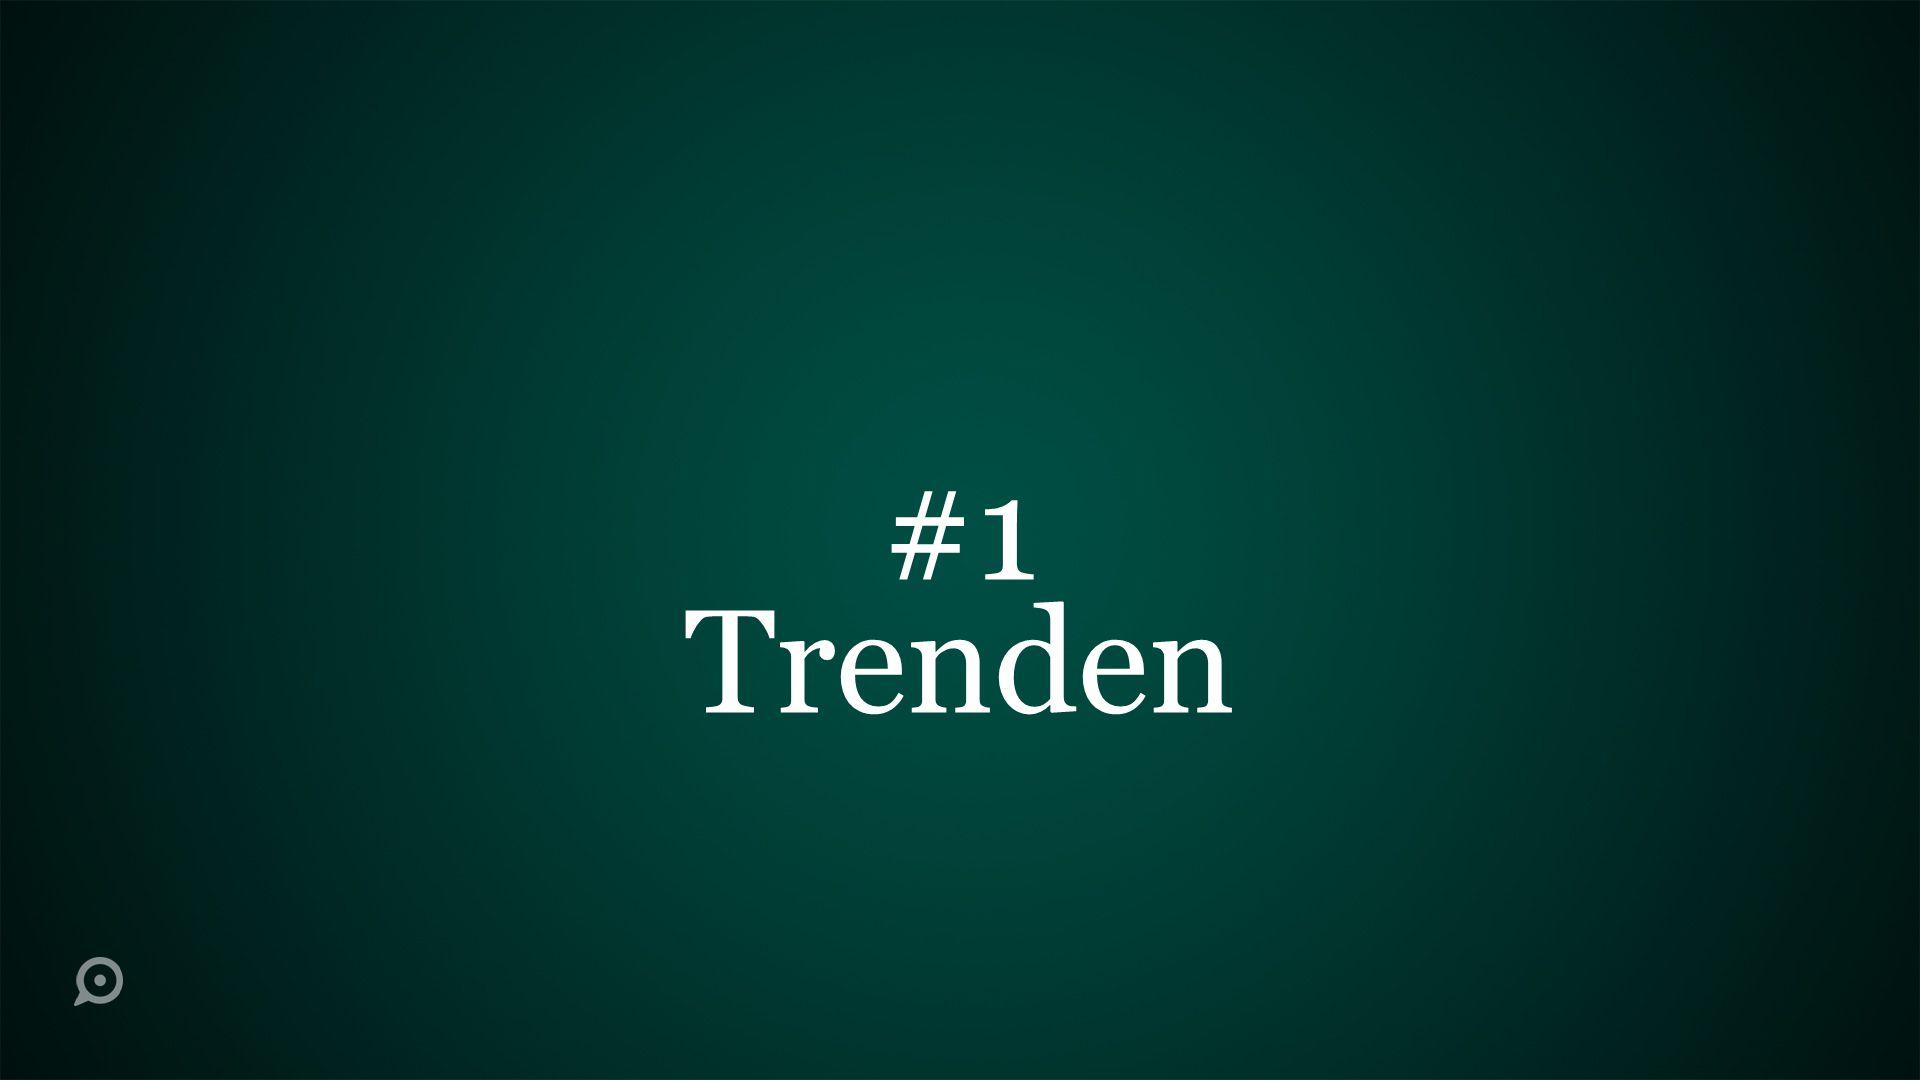 #1 Trenden